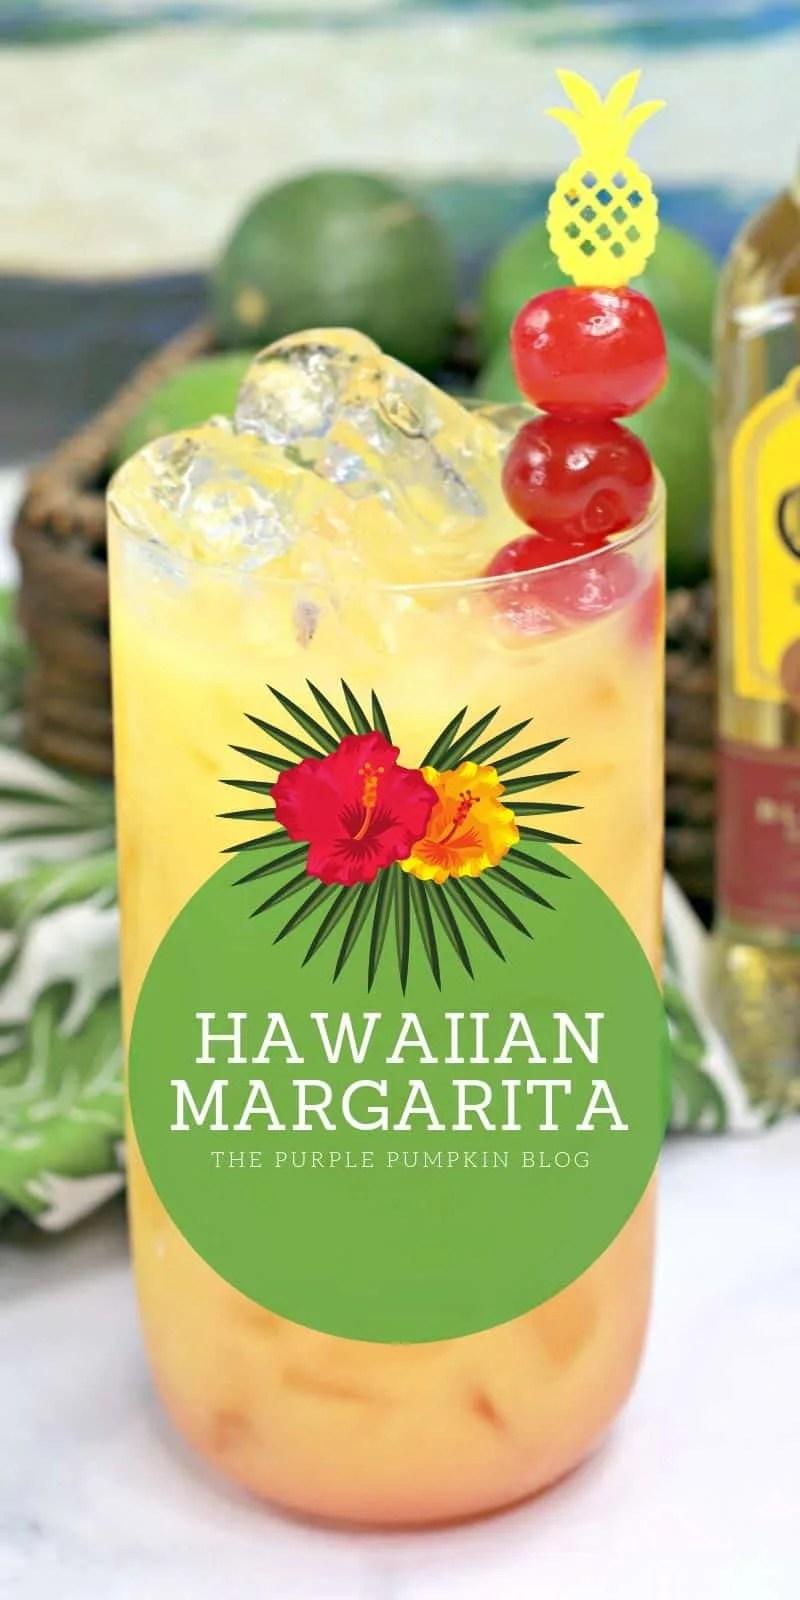 Glass of Hawaiian Margarita